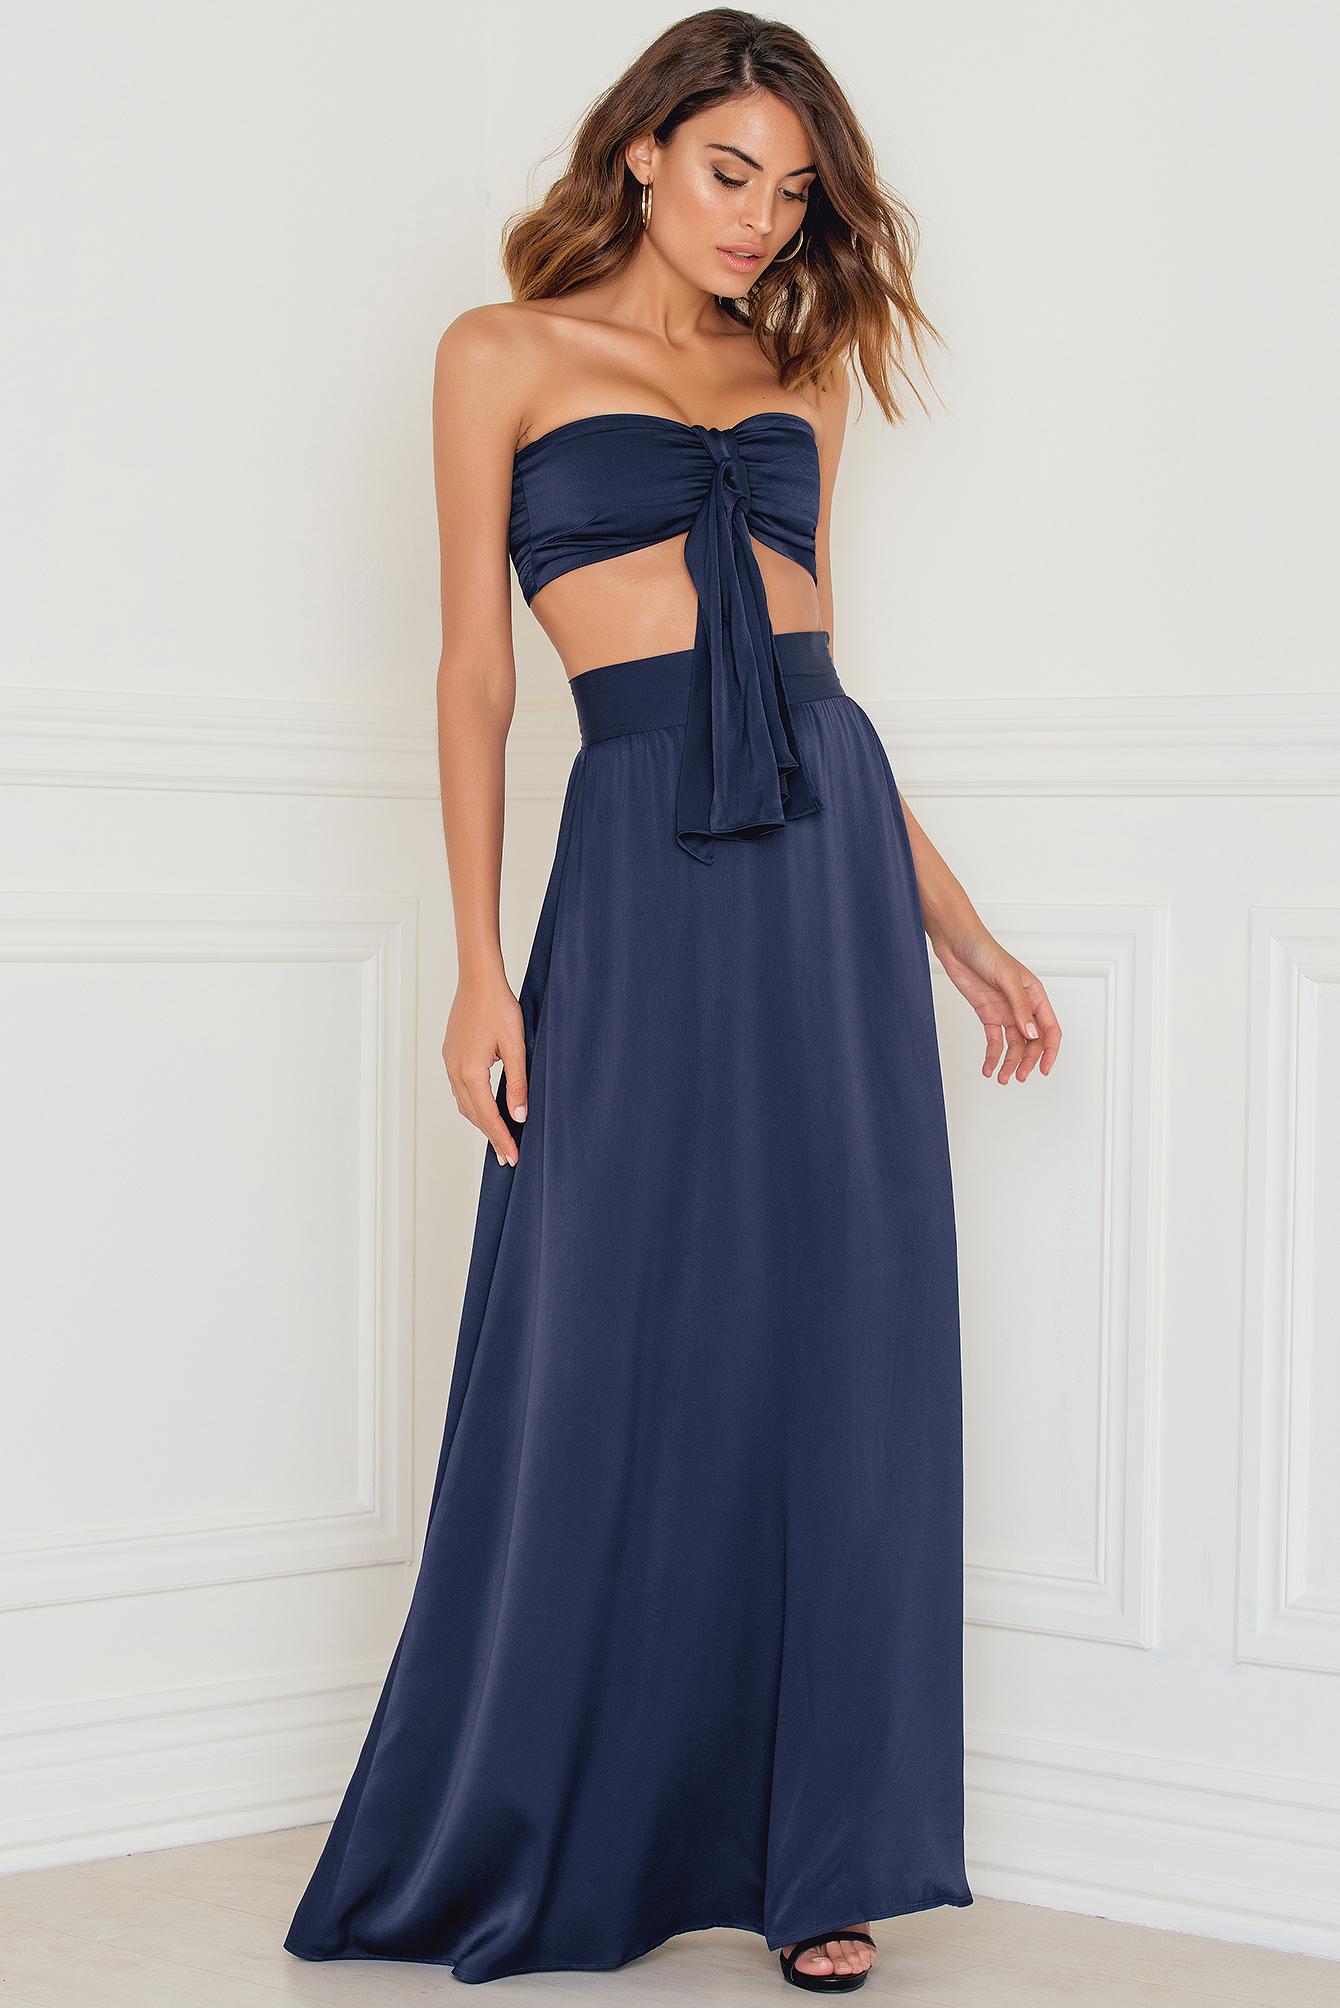 Så stylar du kjolen - Inspireras av vår kjolguide  7e95de8df1a80